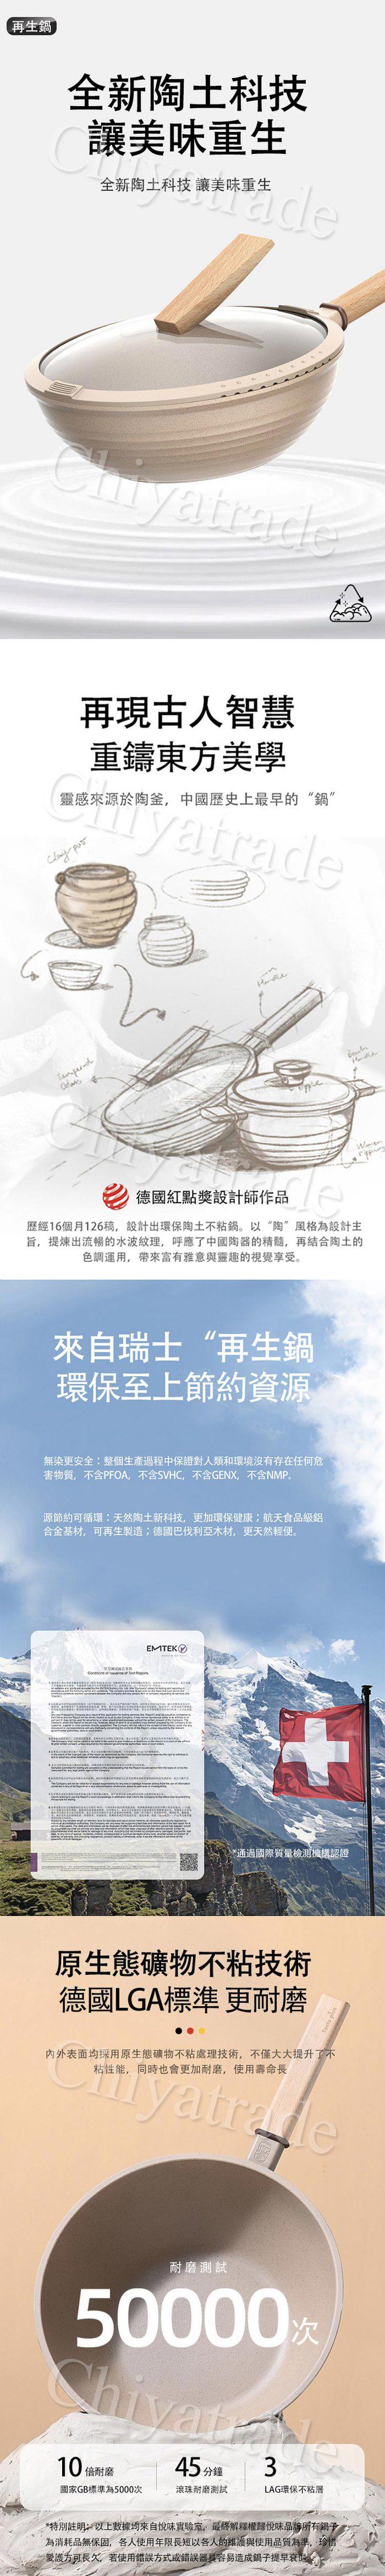 (複製)Taste Plus|悅味元麥 瑞士科技 陶土內外不沾鍋 湯鍋 22cm/3.4L(贈瀝水鍋蓋+蒸盤)